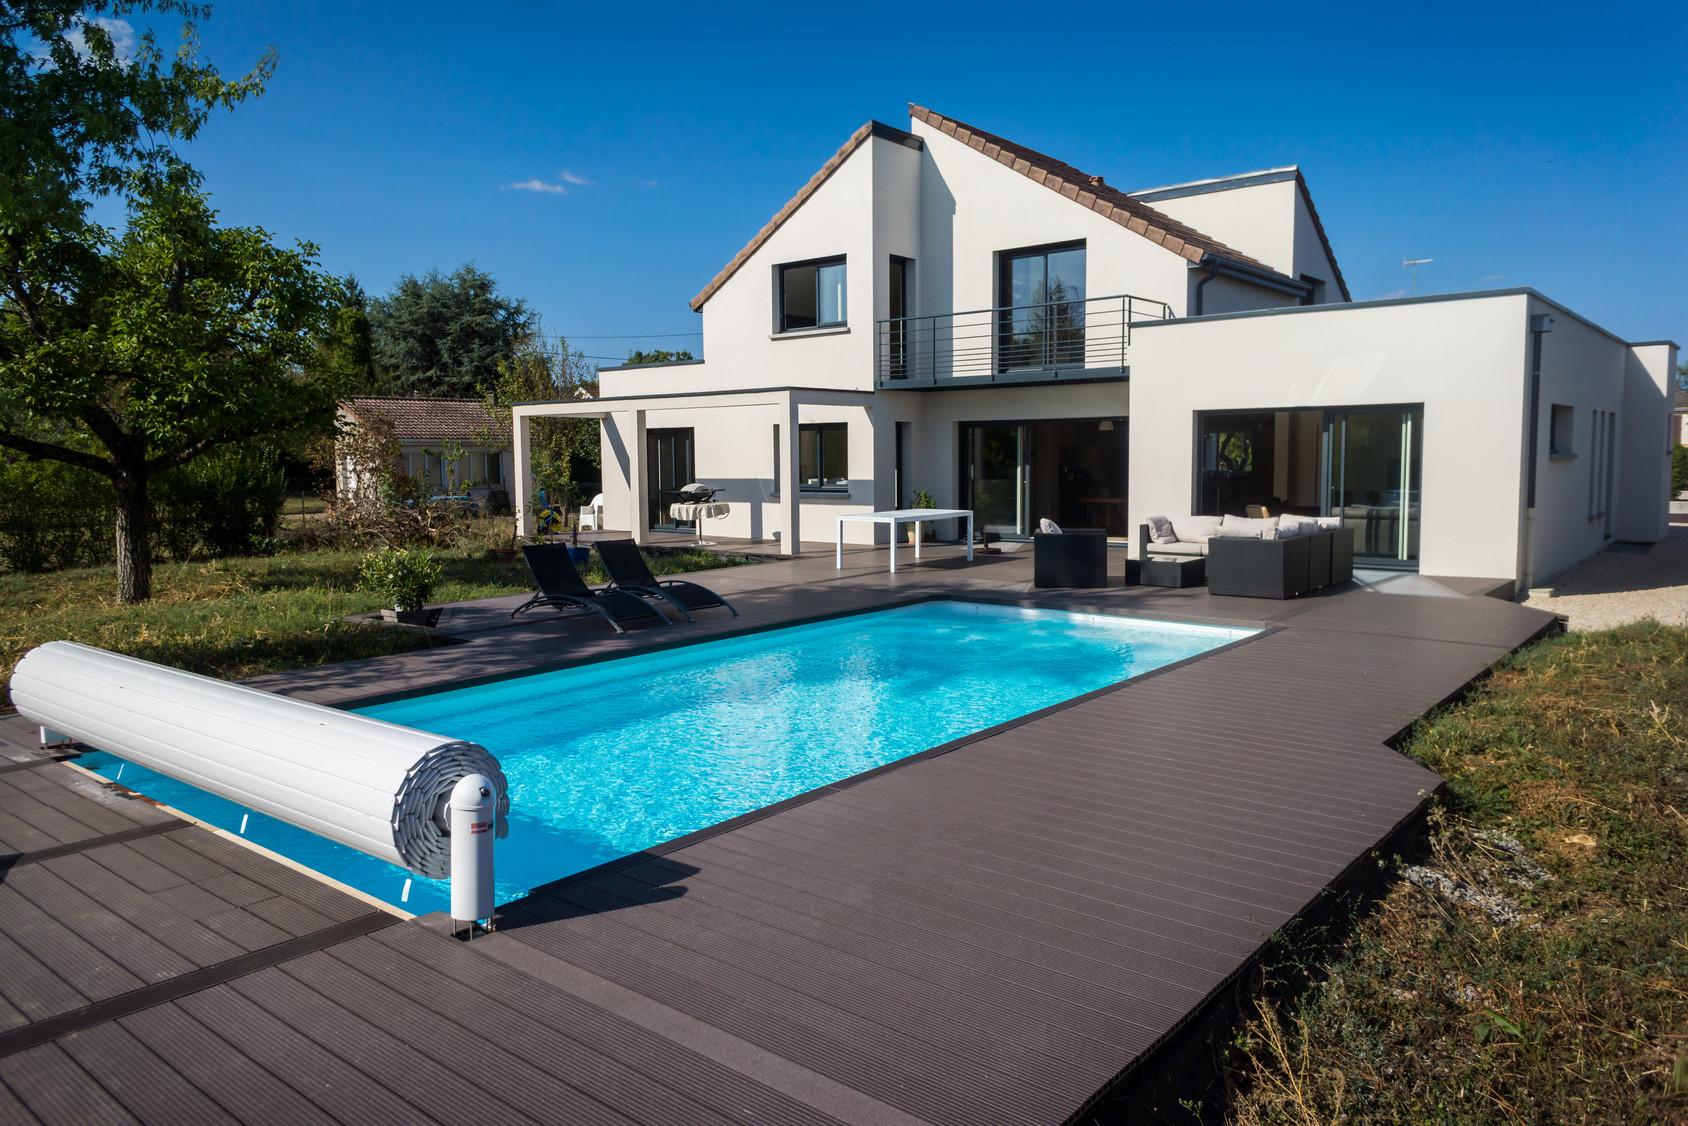 basen ogrodowy budowa projektowanie i monta basen w wyposa enie baseny bio pozna. Black Bedroom Furniture Sets. Home Design Ideas